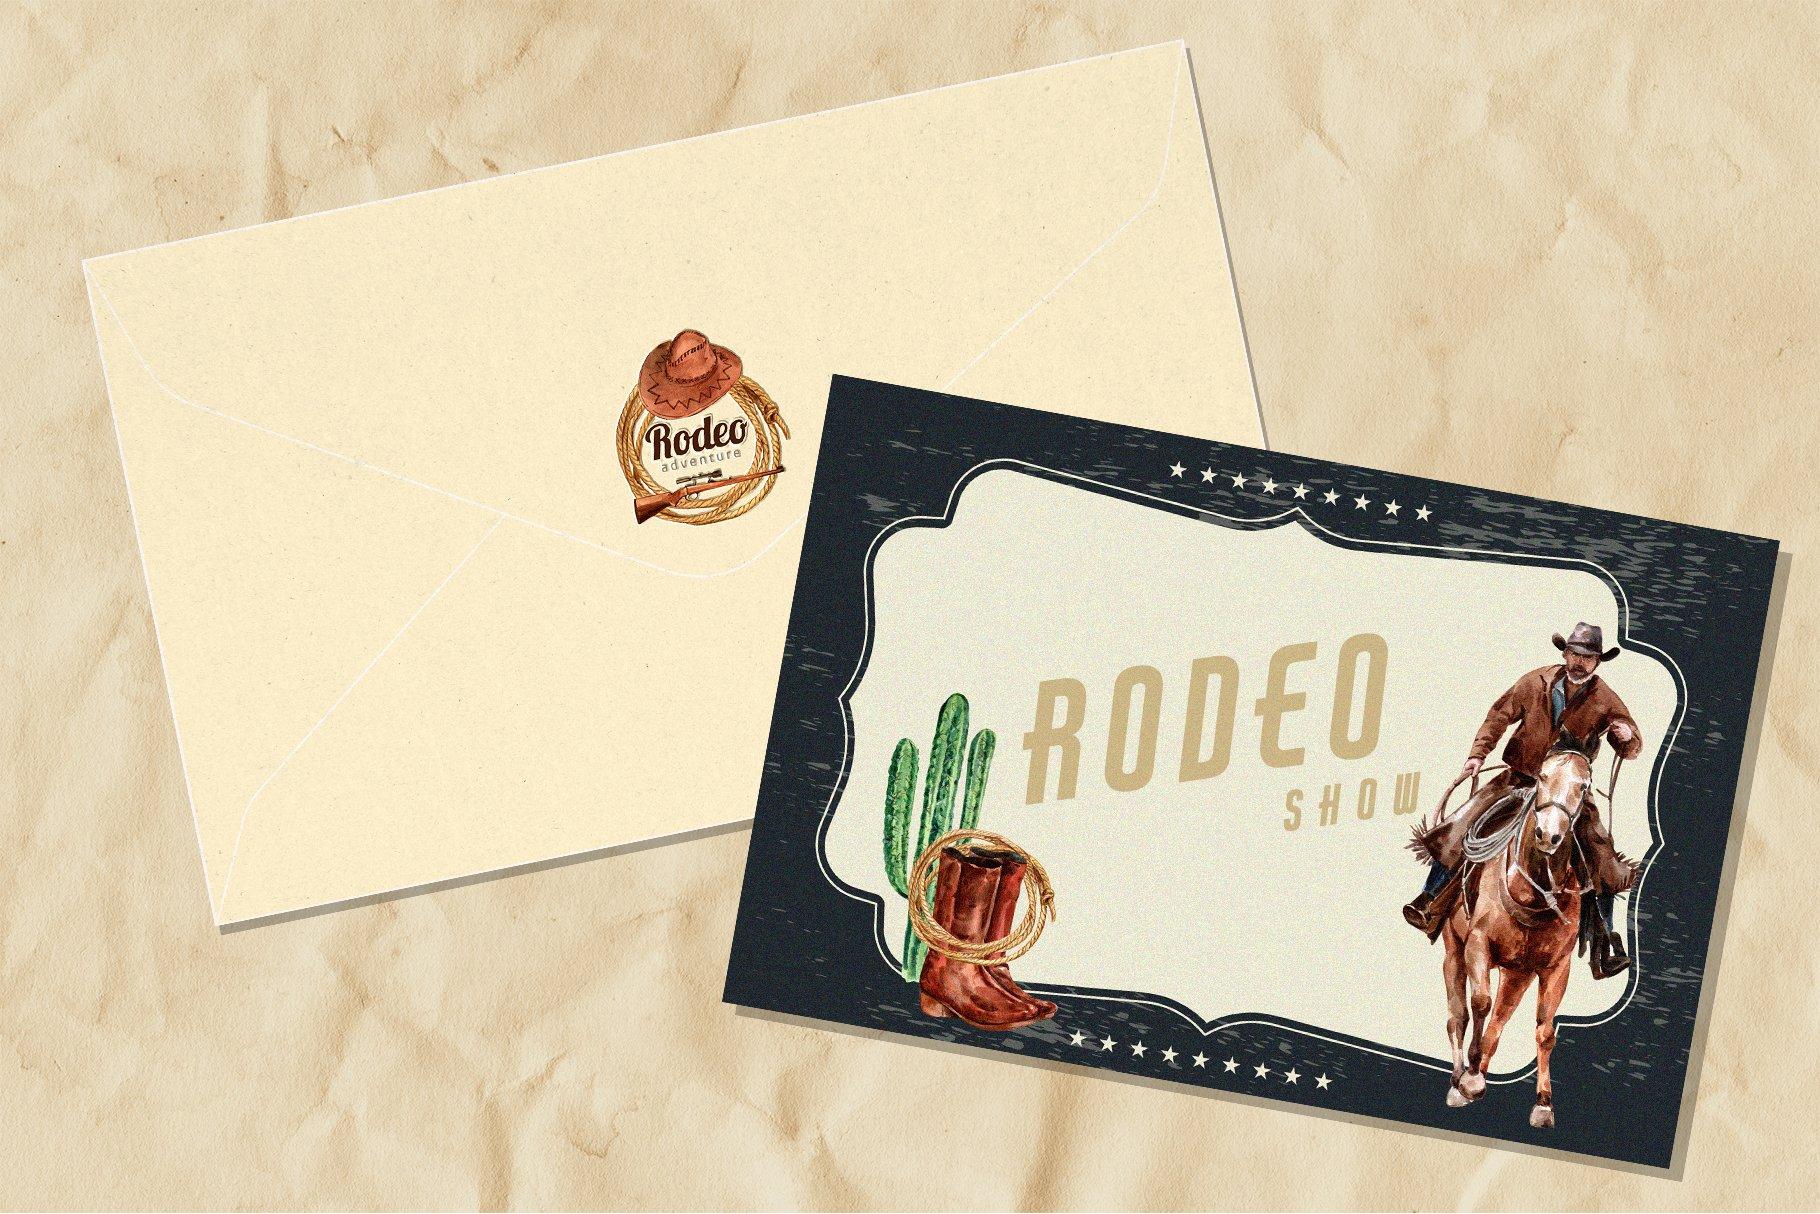 牛仔英雄元素水彩剪贴画PNG免抠图片素材 The Story of Cowboy Hero Watercolors Set插图(3)